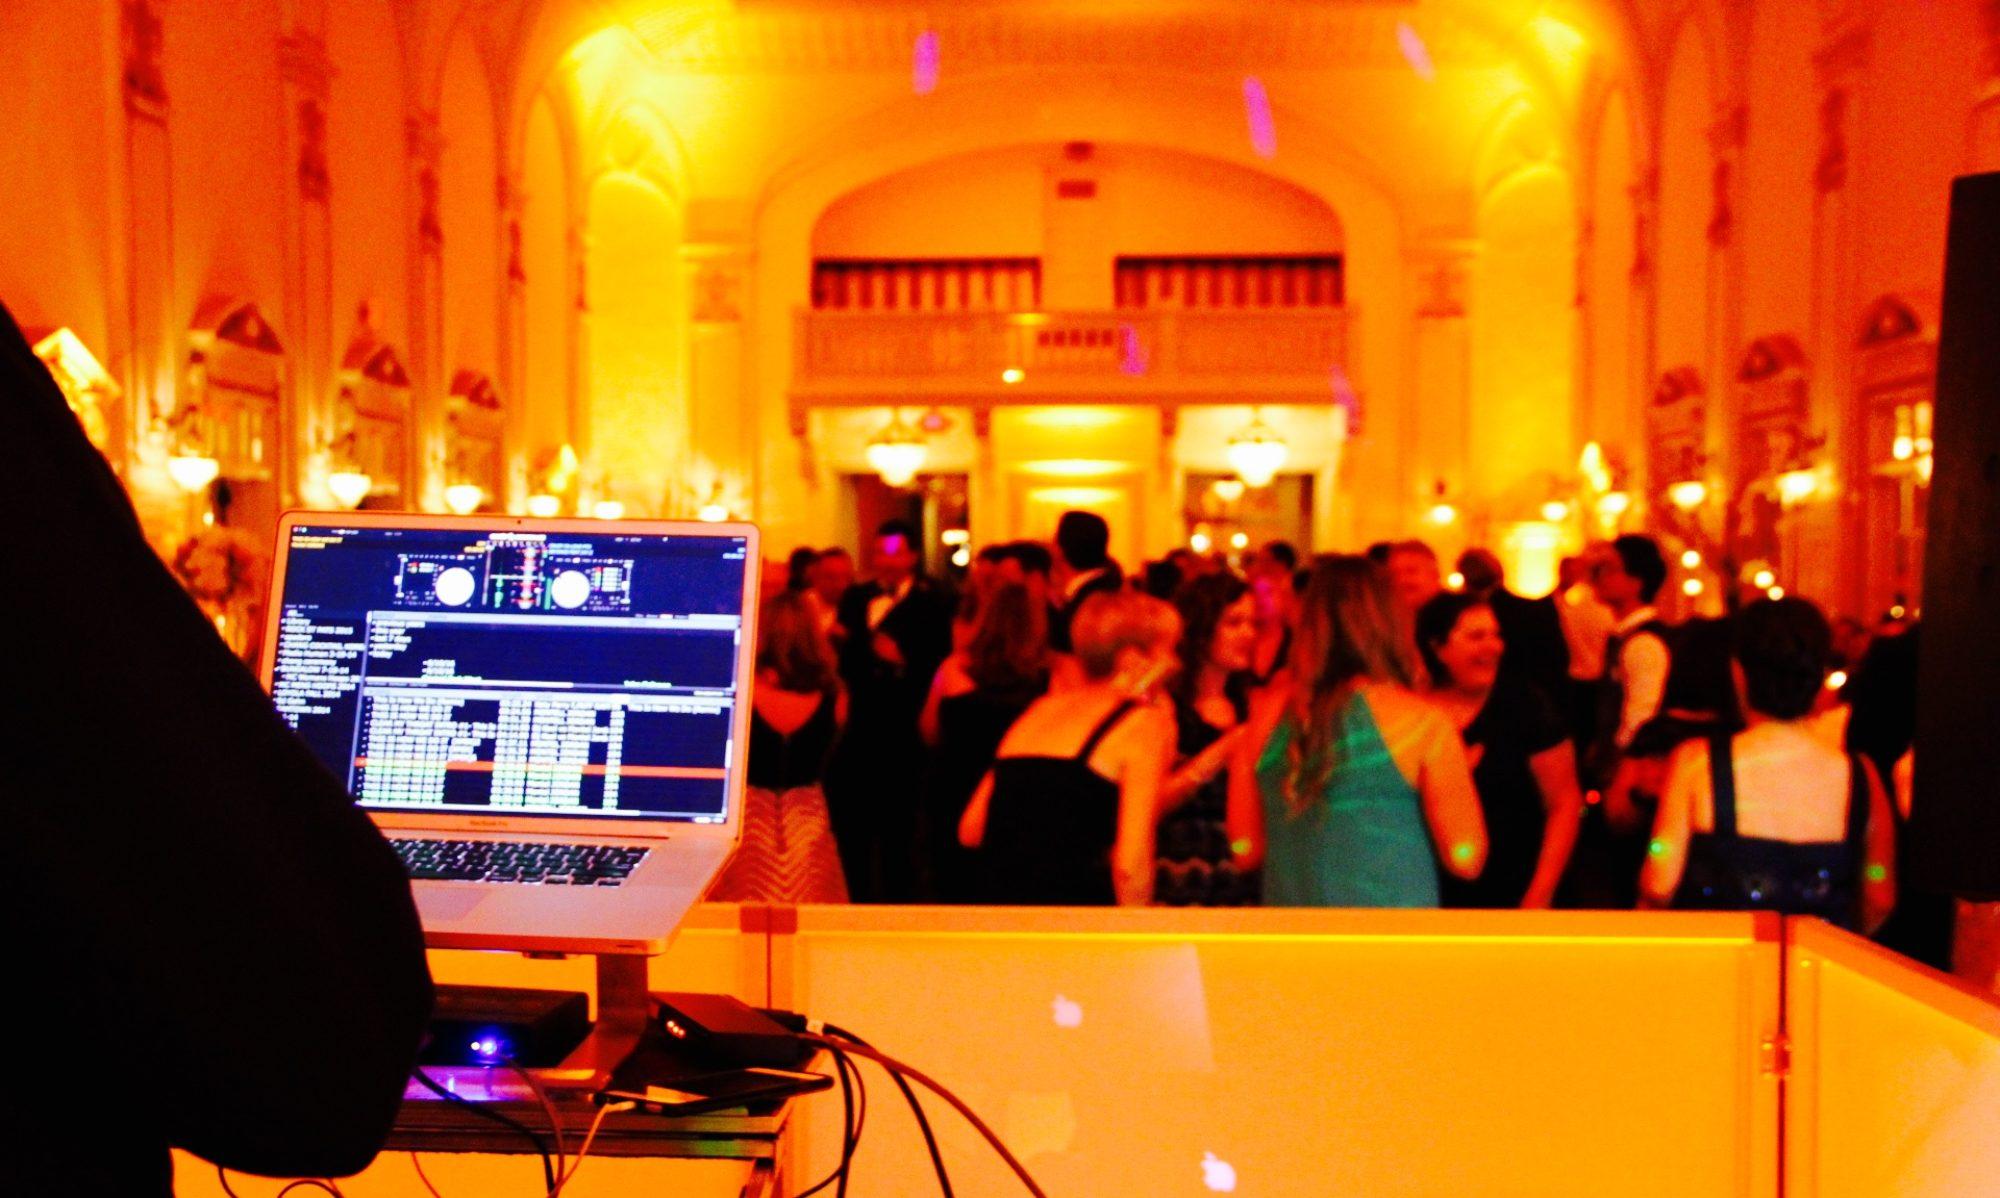 DJs@Work